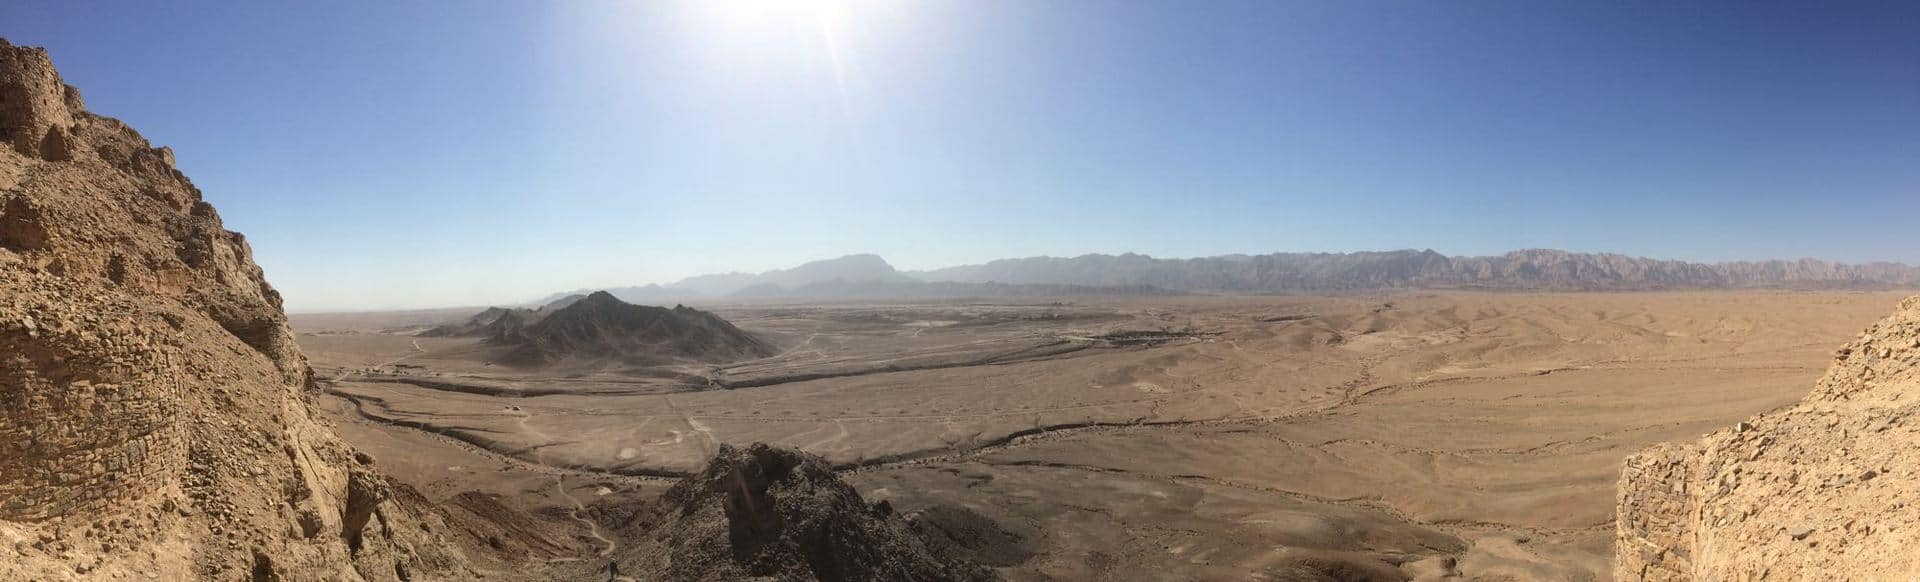 ørken_iran_isfahan